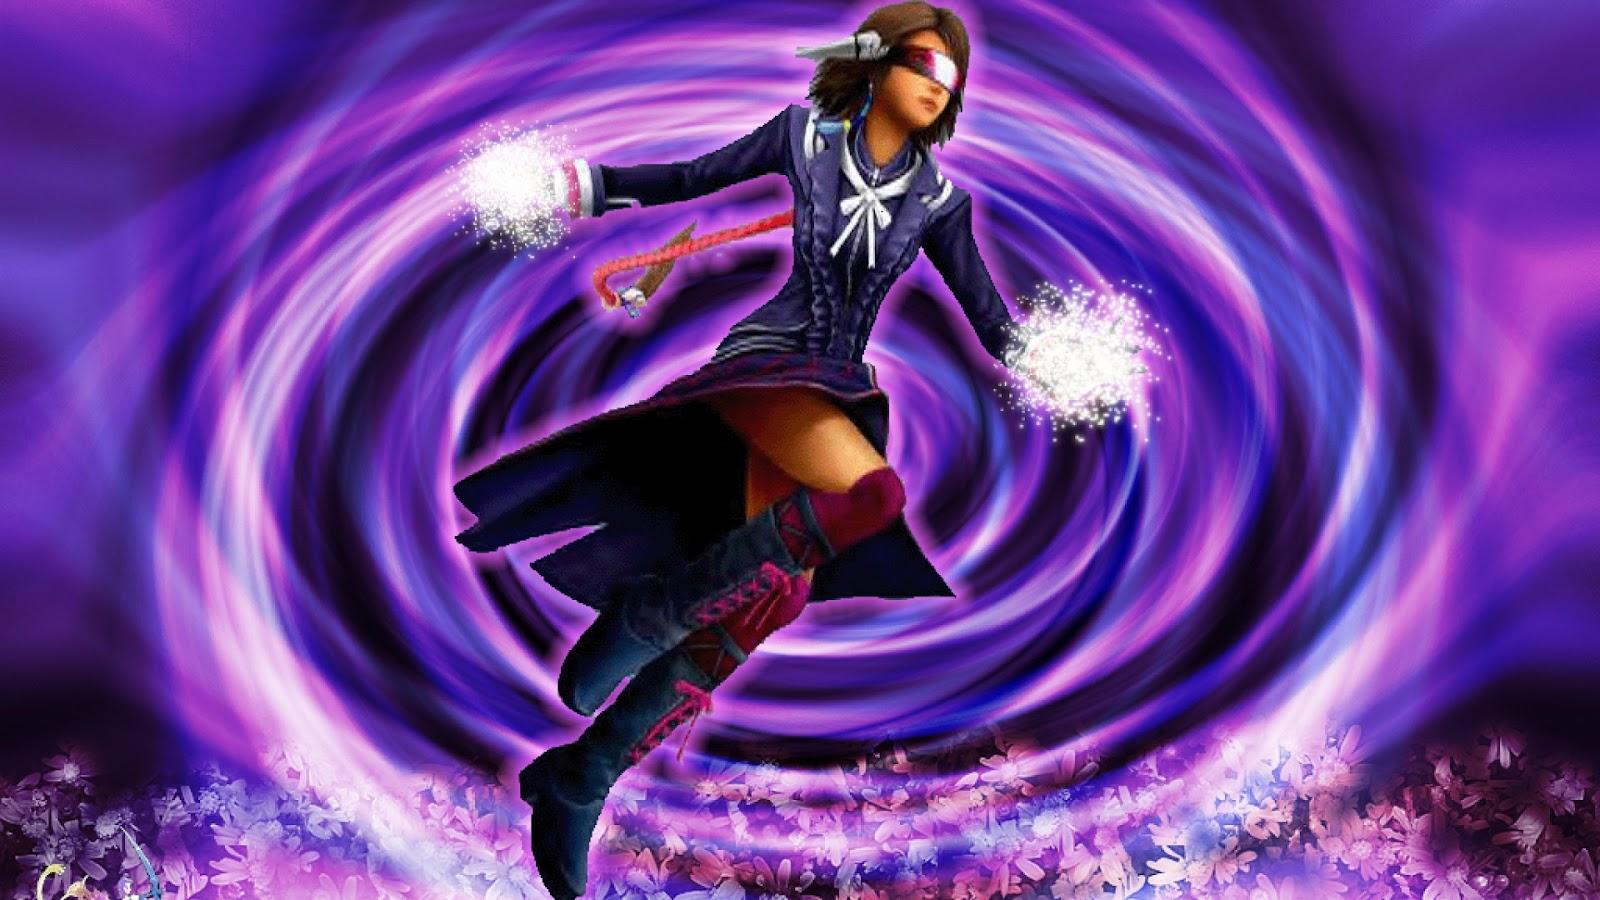 http://1.bp.blogspot.com/-xiAcRiw1G5w/UBT09YryHEI/AAAAAAAAEdU/mdUuhDXUm9I/s1600/final-fantasy-x2-wallpaper+(2).jpg